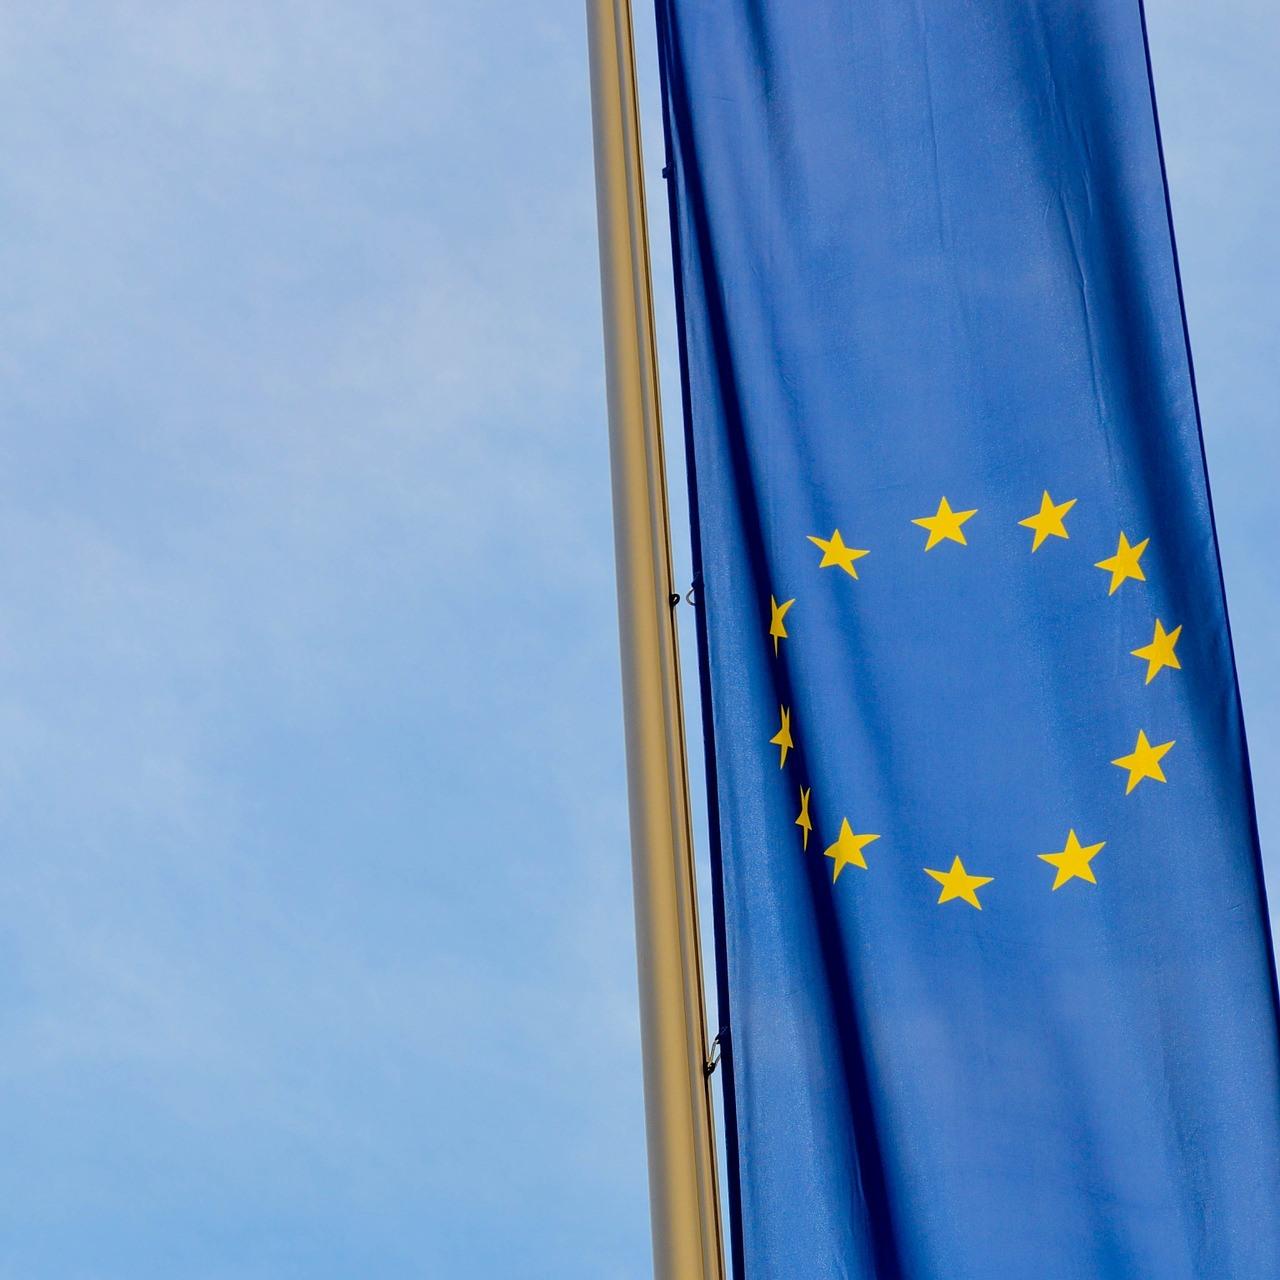 Machtverschiebungen in der Europäischen Union im Rahmen der Finanzkrise und Fragen der demokratischen Legitimation